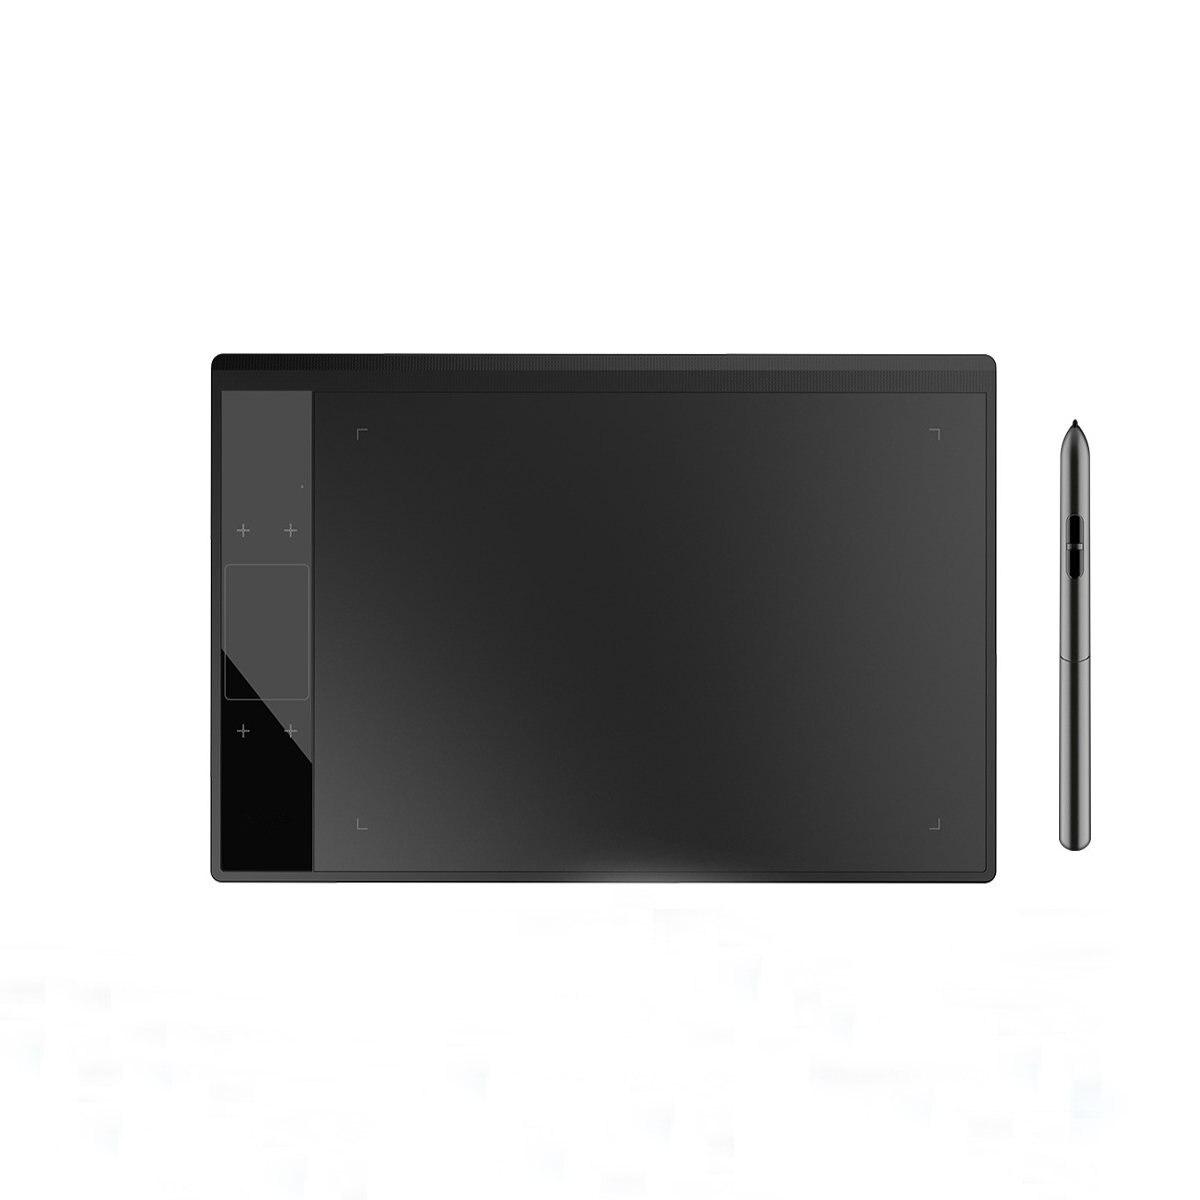 A30 Graphique tablette numérique tapis de dessin pour Illustrateur 10x6 pouces Grand Zone Active pour Artistes avec 8192 Niveaux Passive Stylo